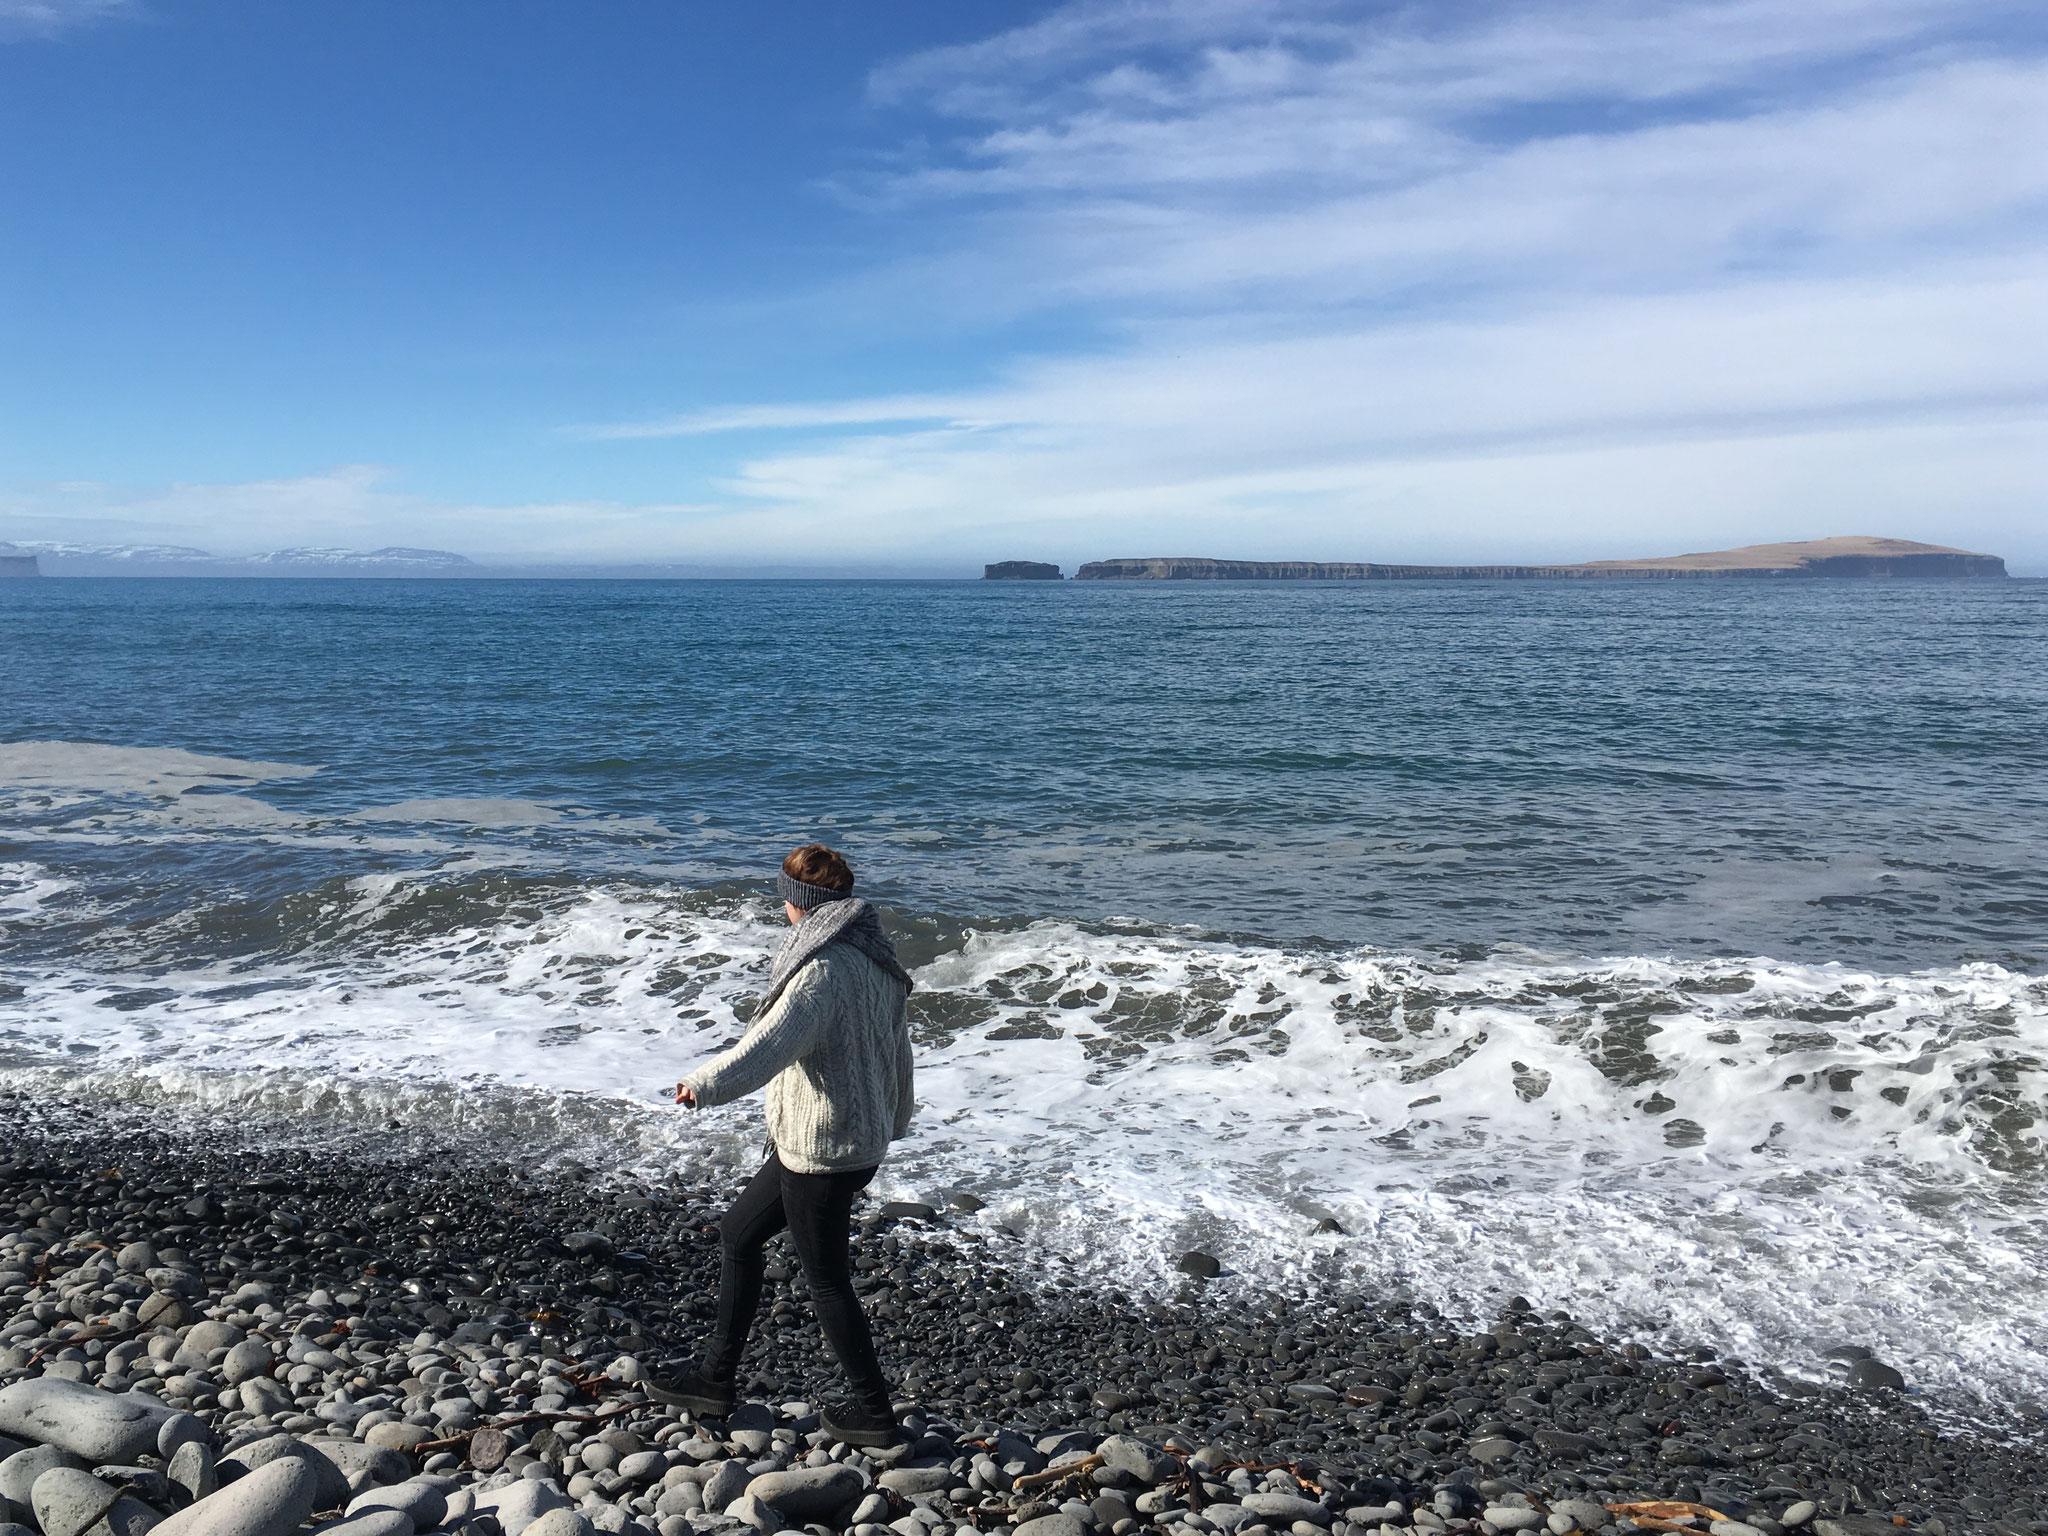 Miriam Schmelz am Meer